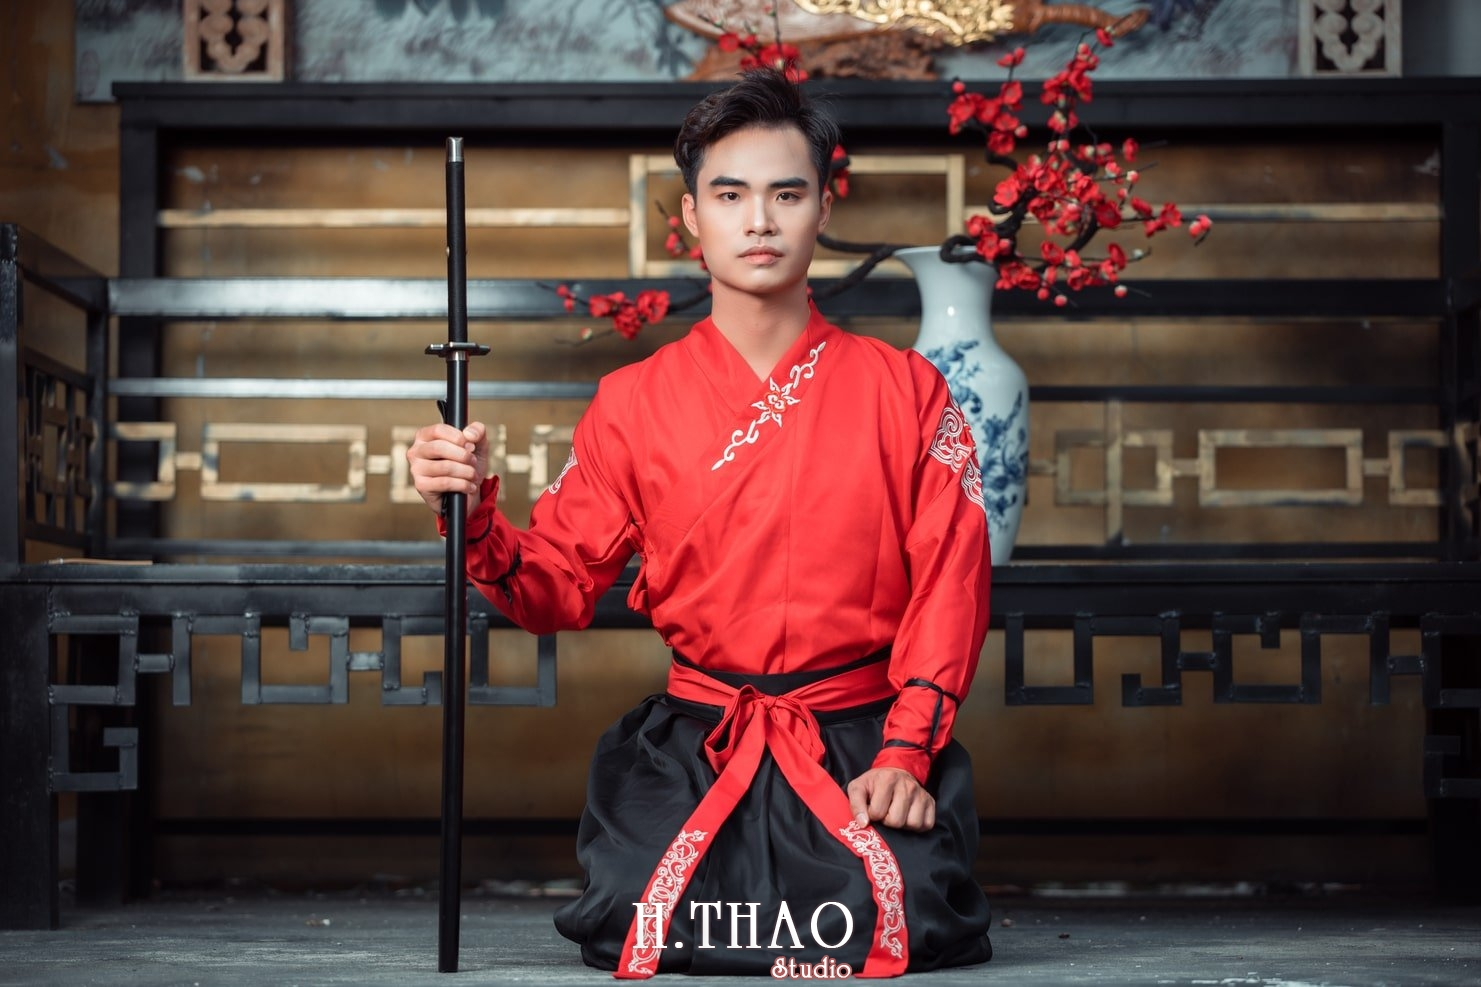 Anh Nam co trang 22 - Album chụp ảnh cổ trang nam phong cách Nhật Bản đẹp – HThao Studio